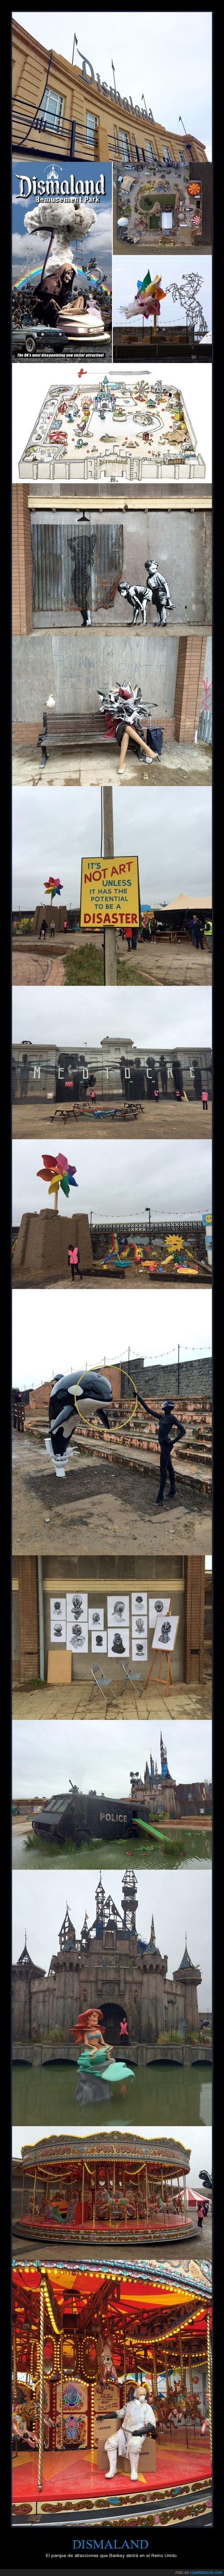 arte,atracciones,Banksy,graffiti,parque,parque de atracciones,Reino unido